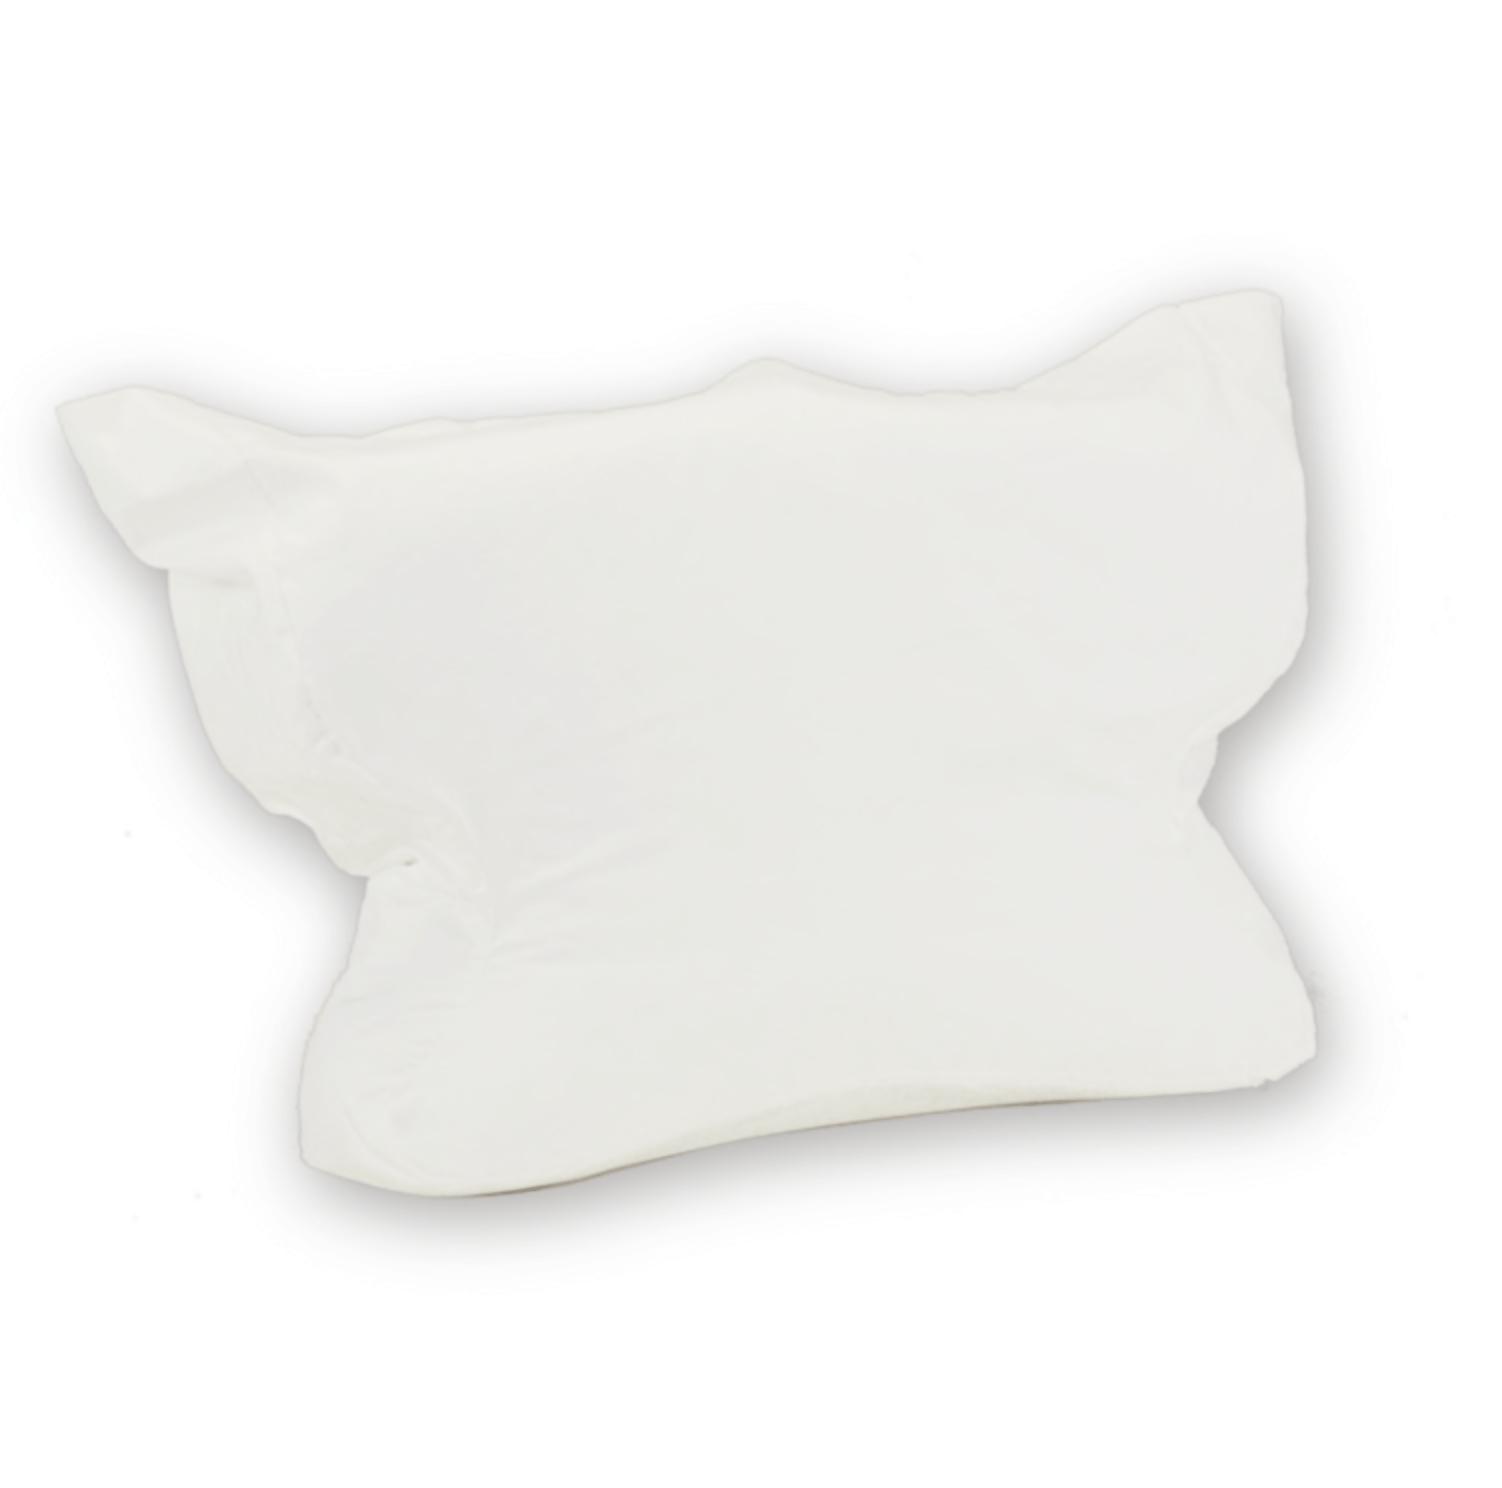 contour cpapmax 2 0 pillow cpap services